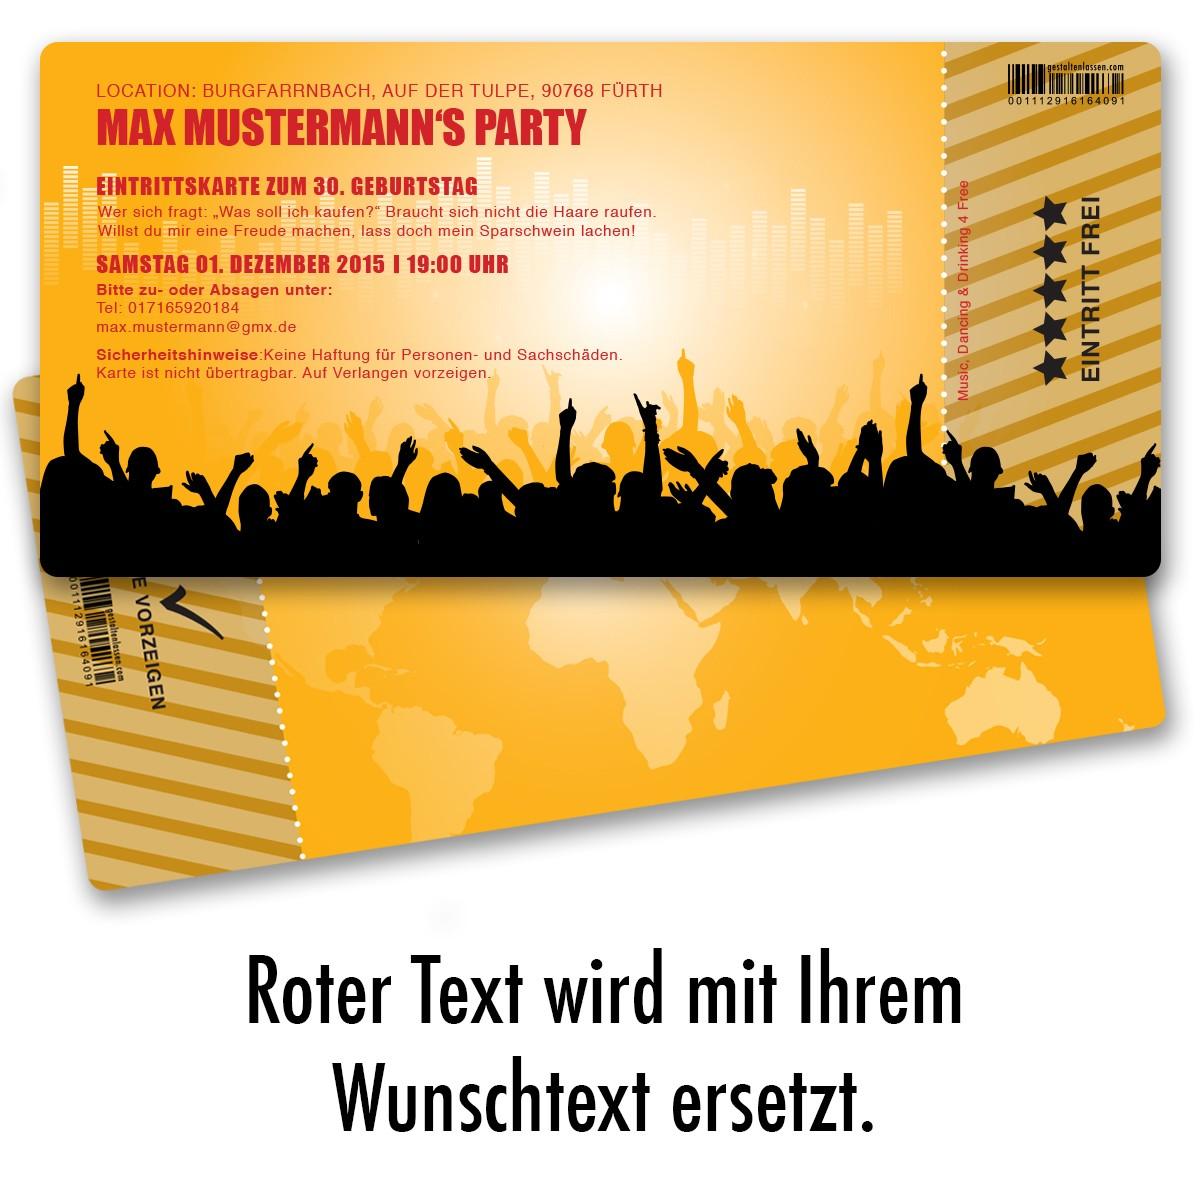 einladungskarten als eintrittskarte orange ab 55 cent / einladung, Einladung